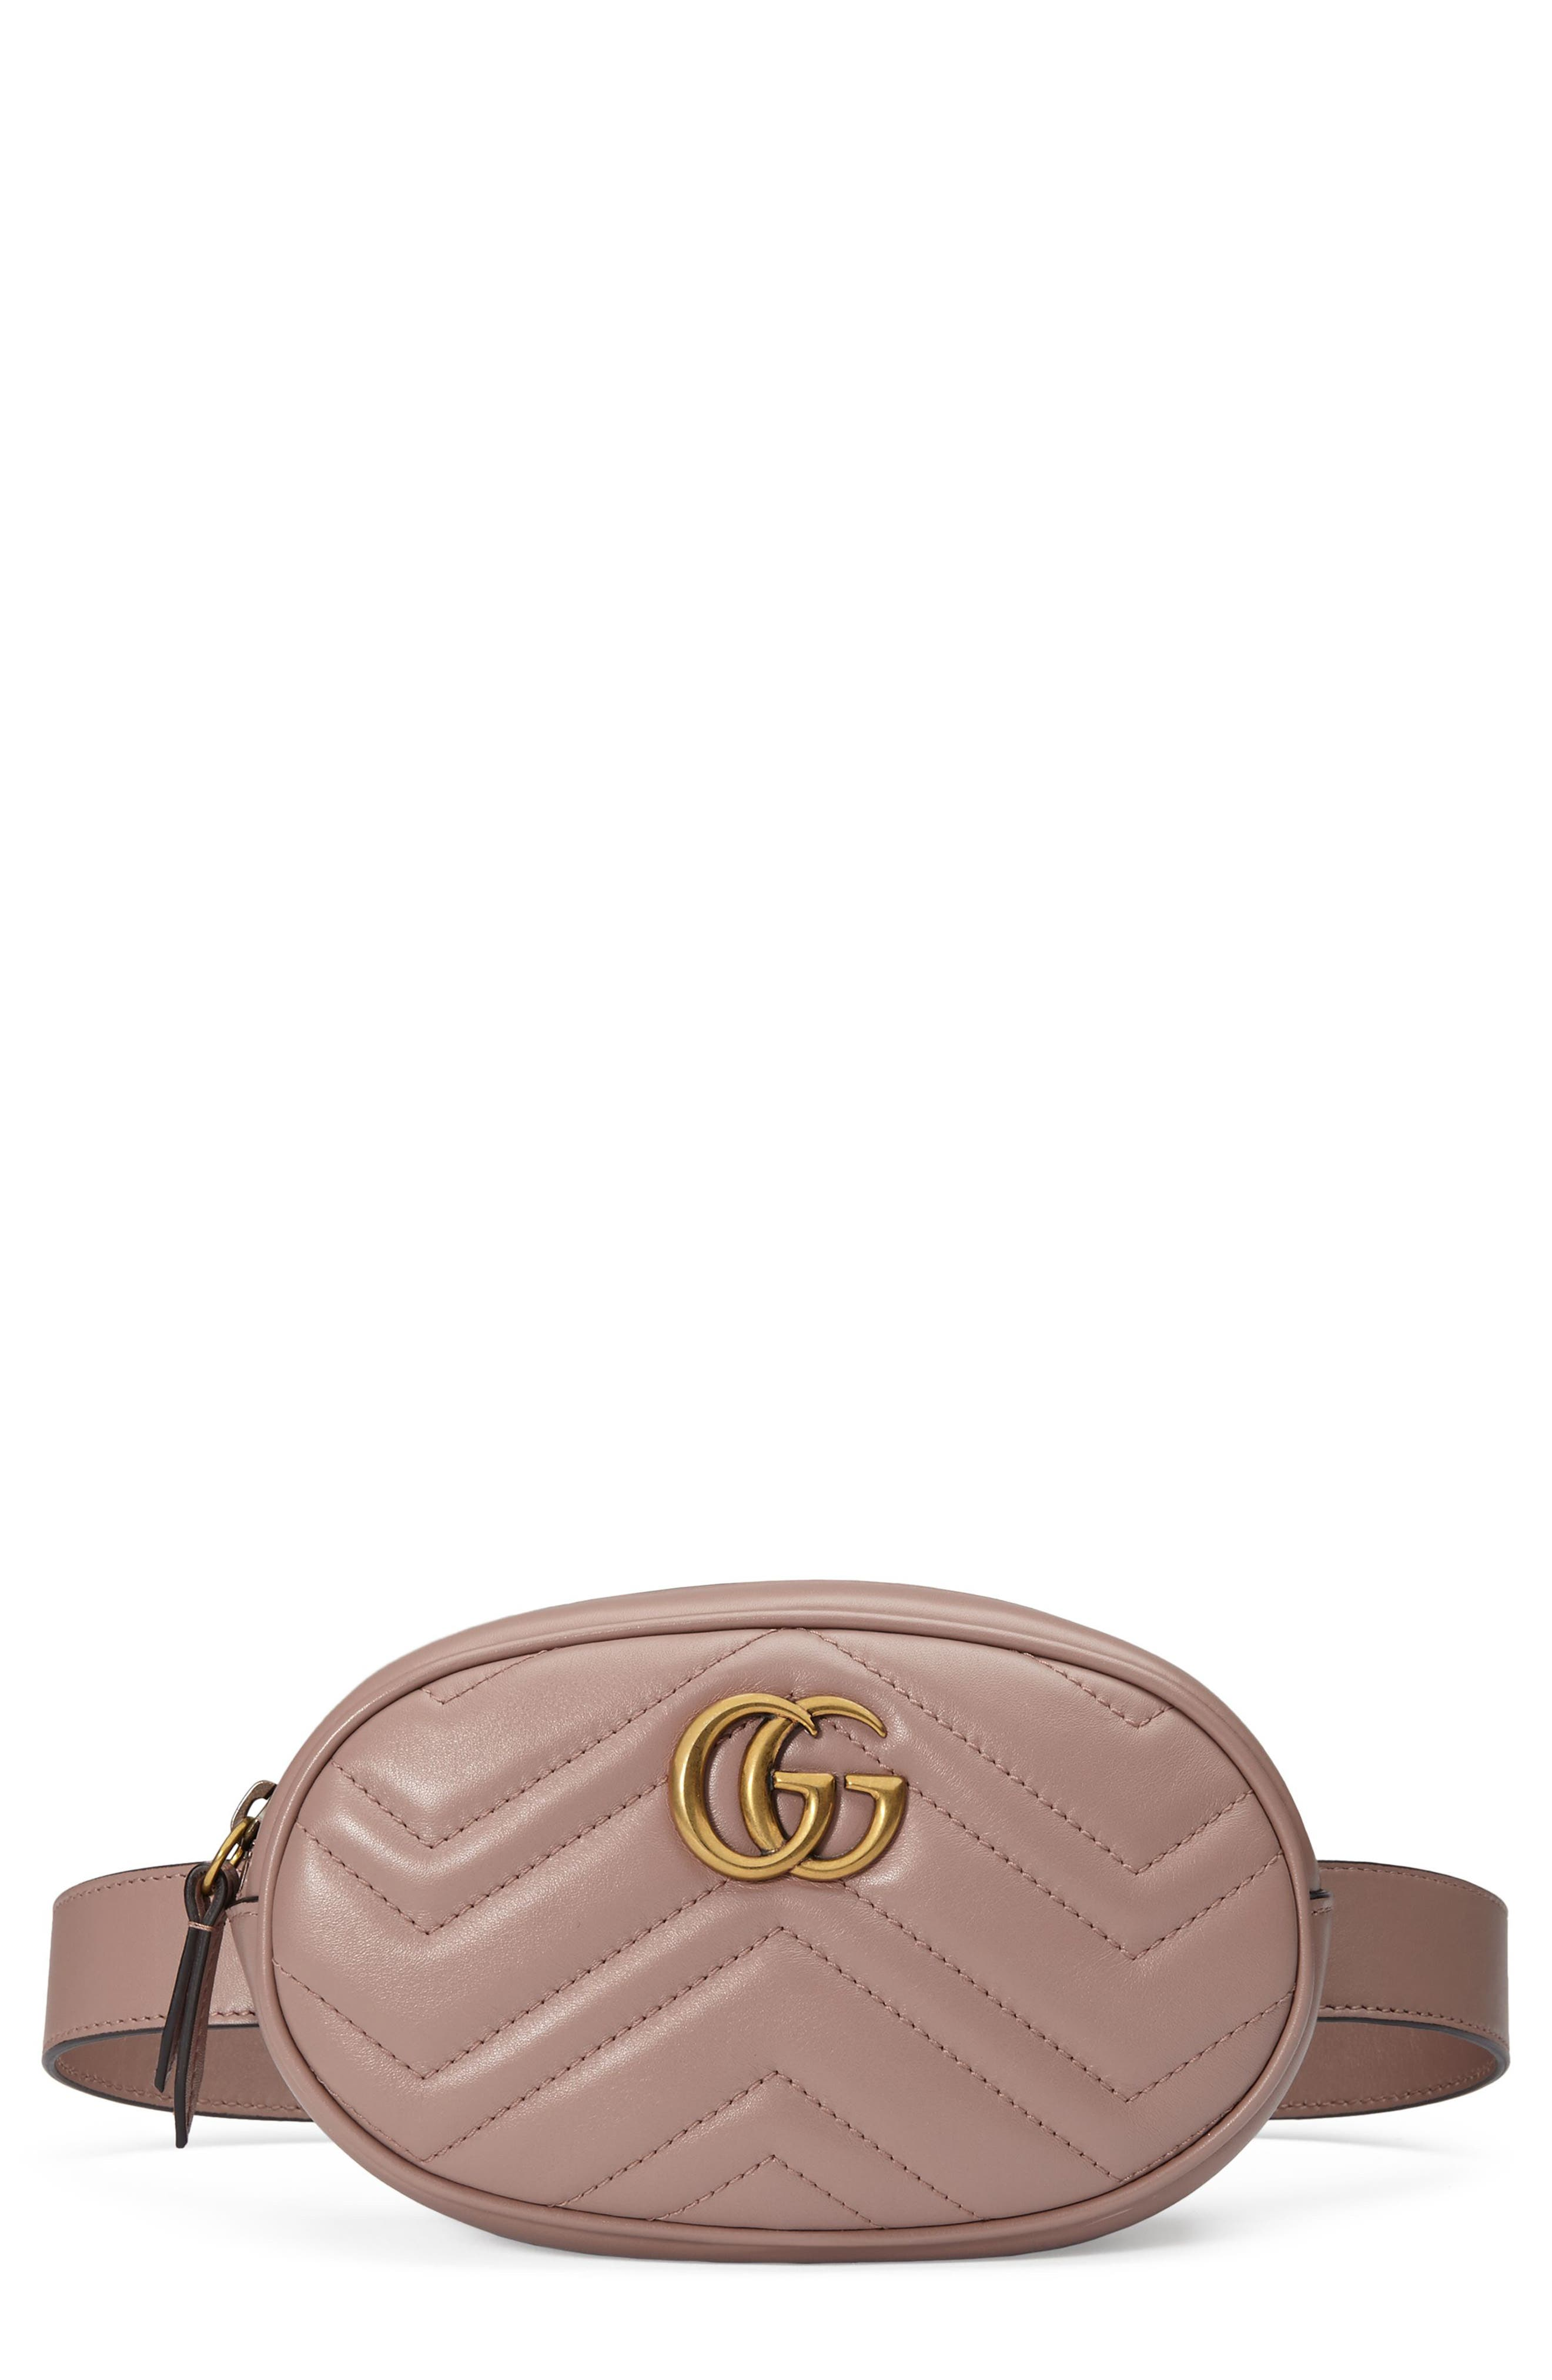 GG Marmont 2.0 Matelassé Leather Belt Bag,                         Main,                         color, PORCELAIN ROSE